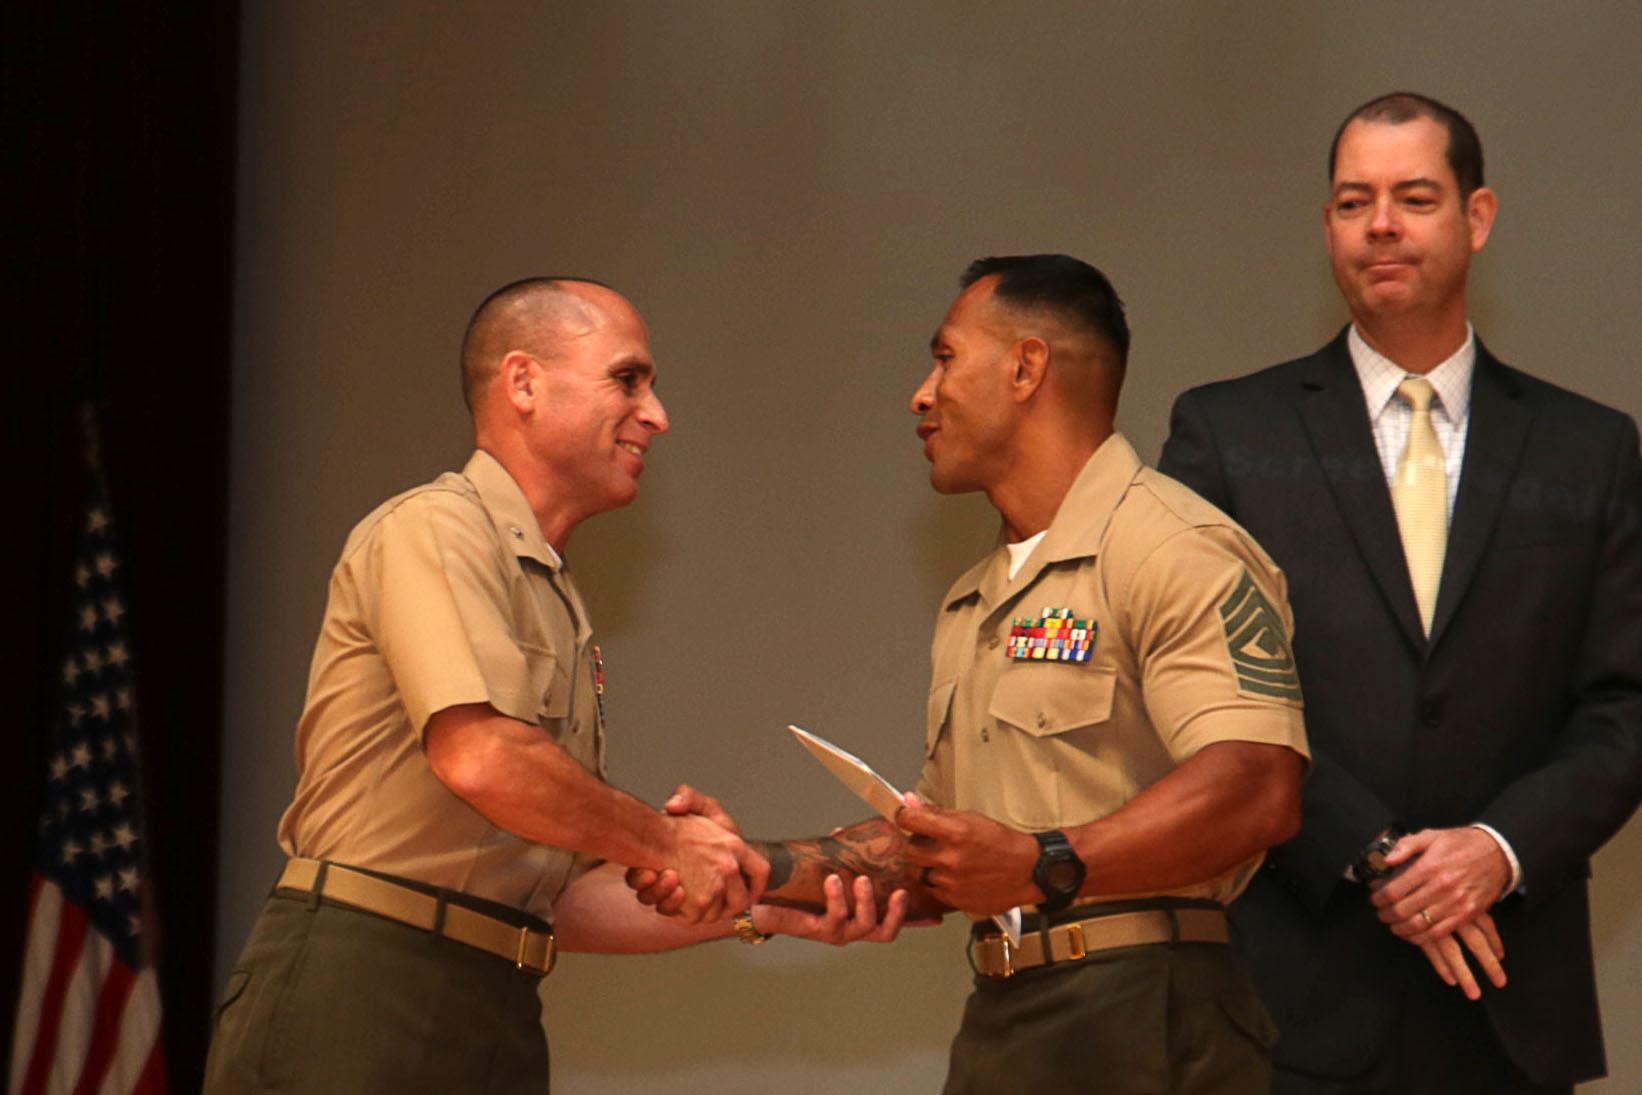 Photos : 150821 M PC671 411 from www.okinawa.marines.mil size 1642 x 1095 jpeg 174kB